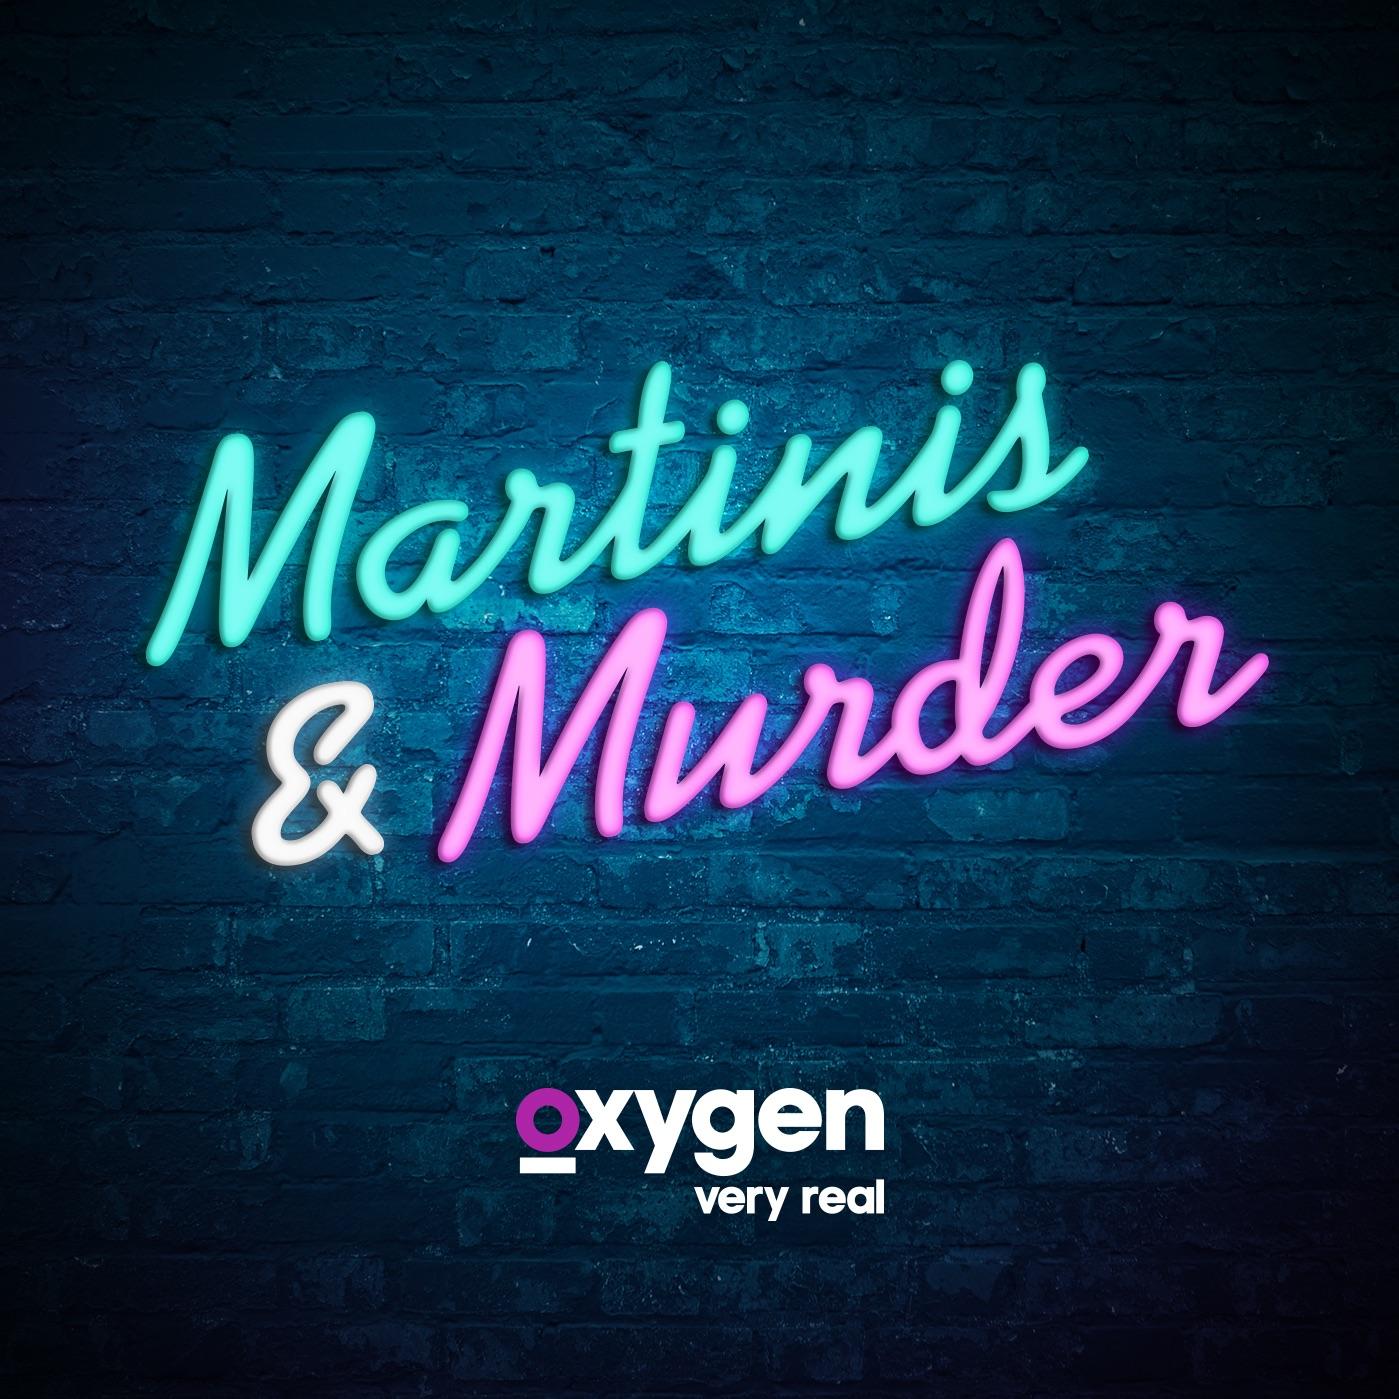 Best Episodes of Martinis & Murder